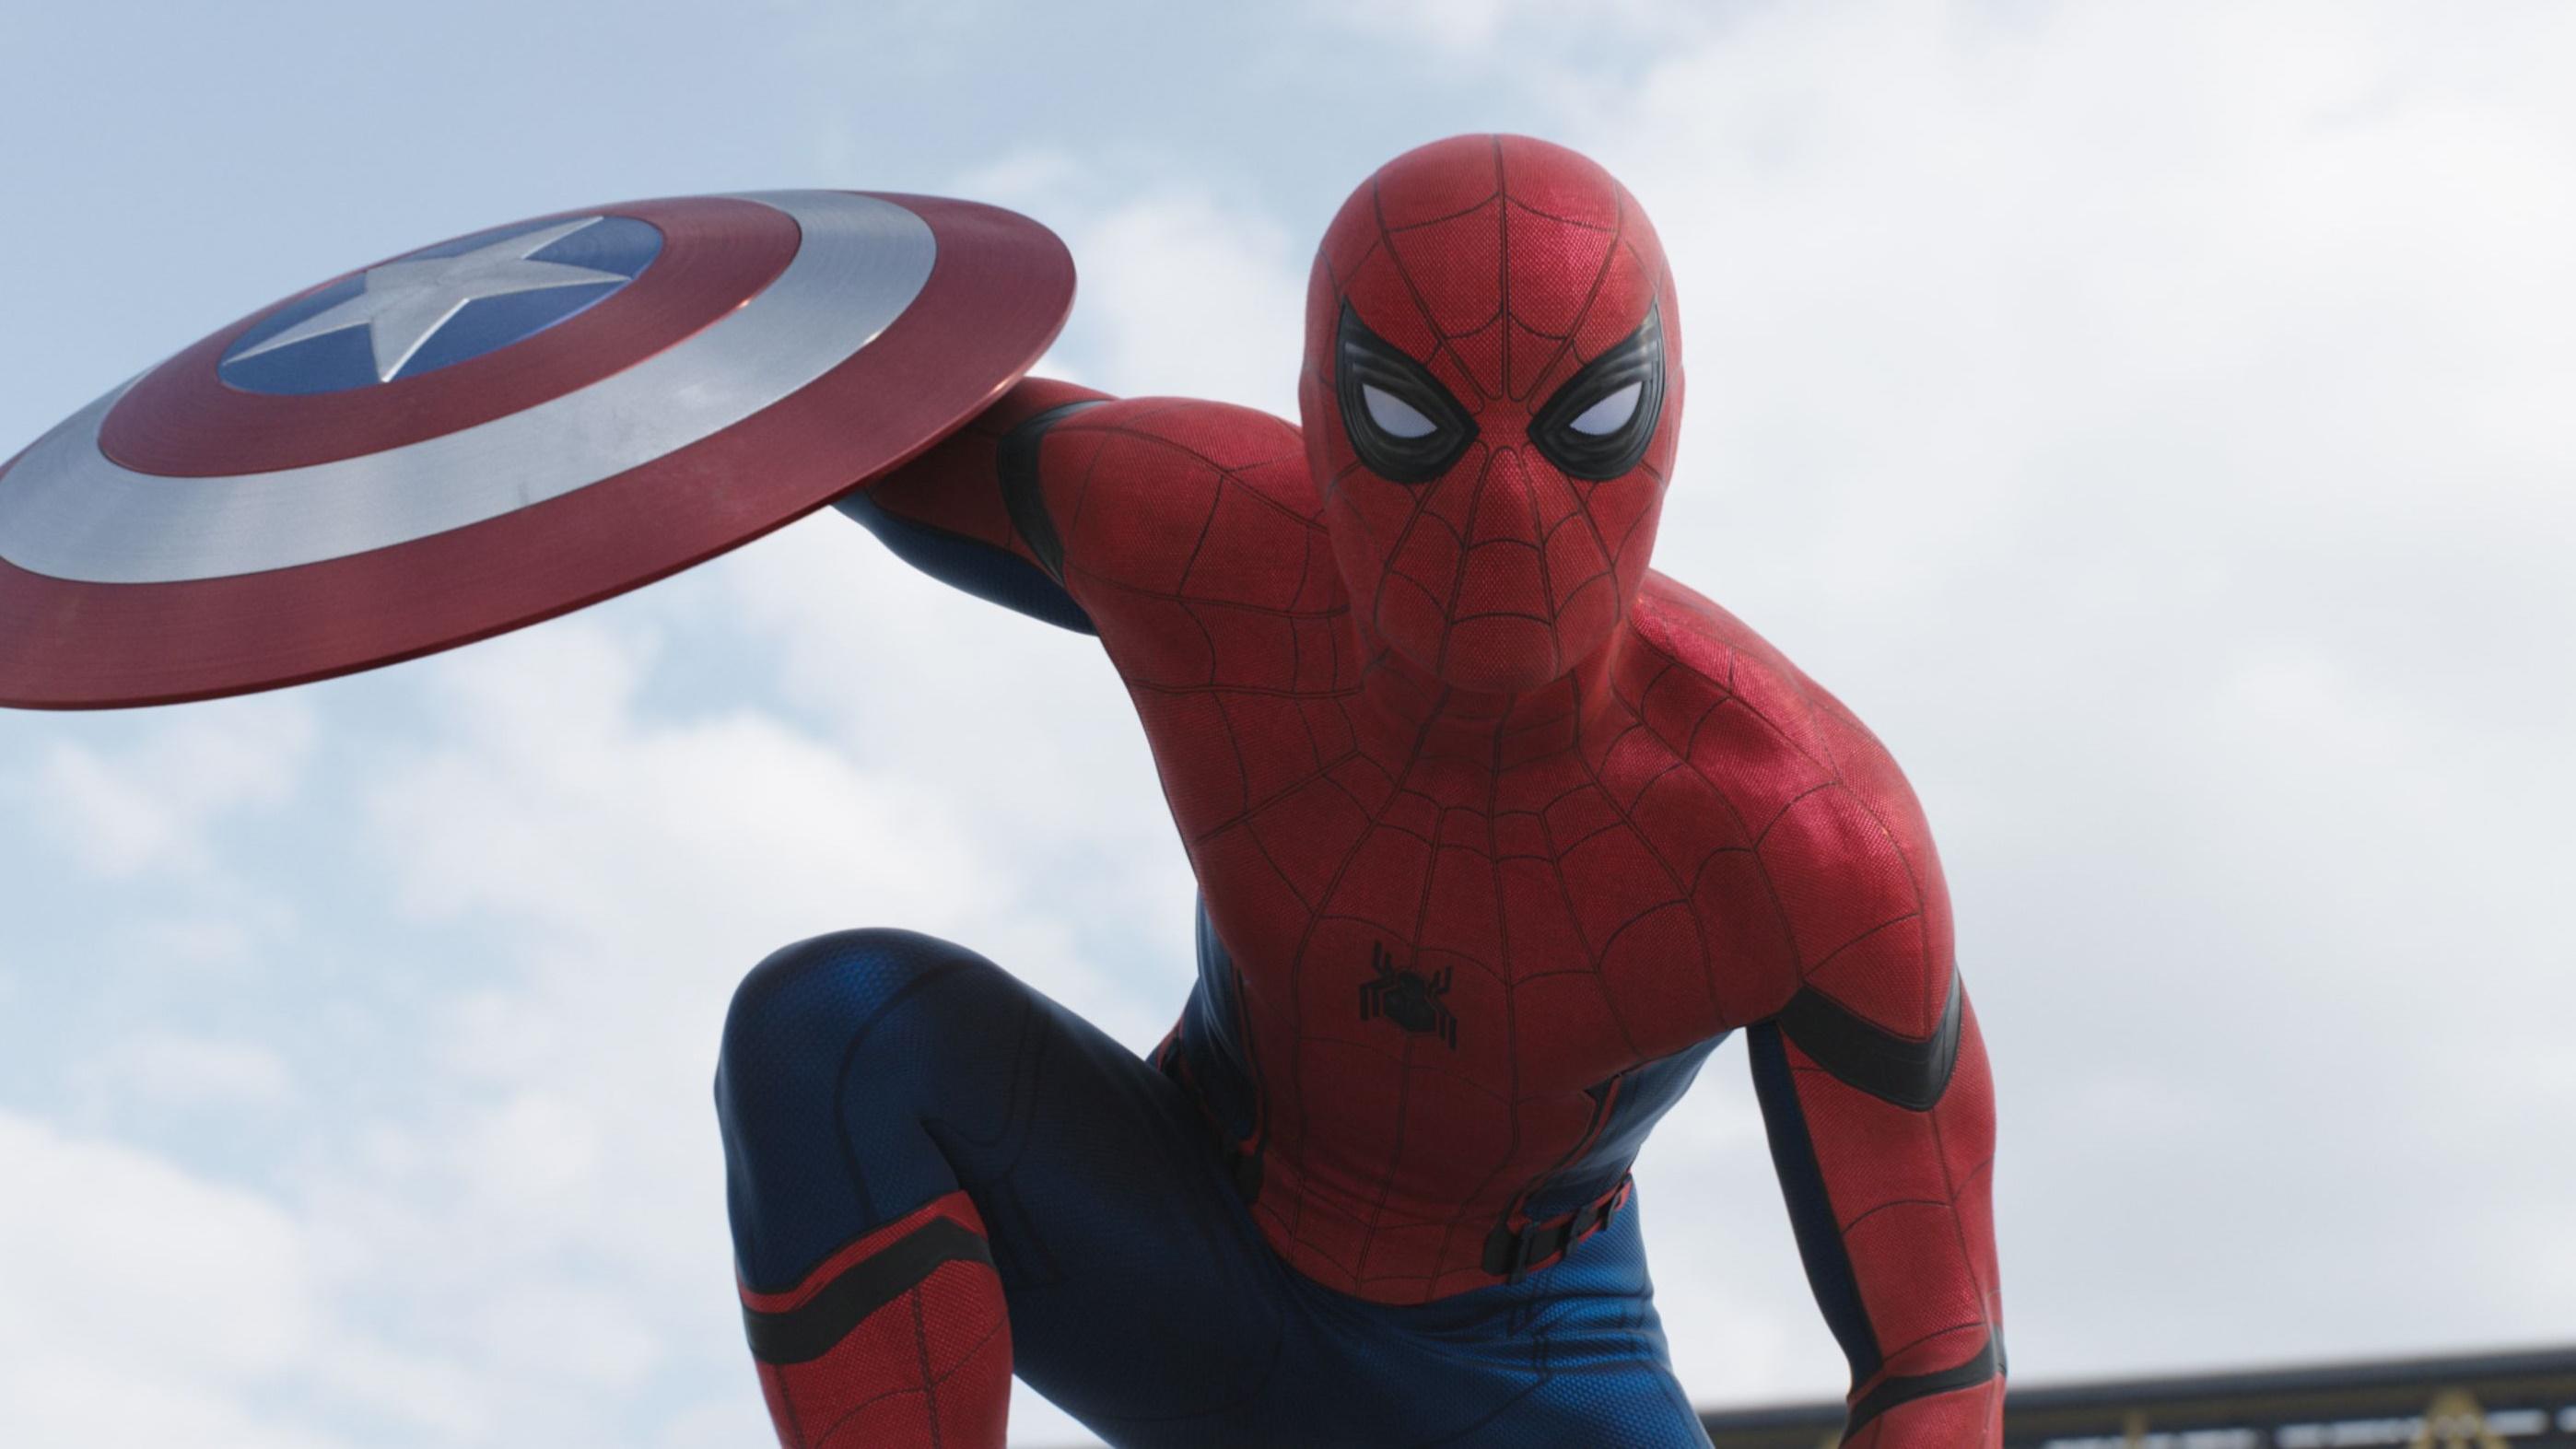 spider-man mcu screencap.jpg. Vagyis Pókember csatlakozott a Marvel Filmes  Univerzumába. 7afc585bb3